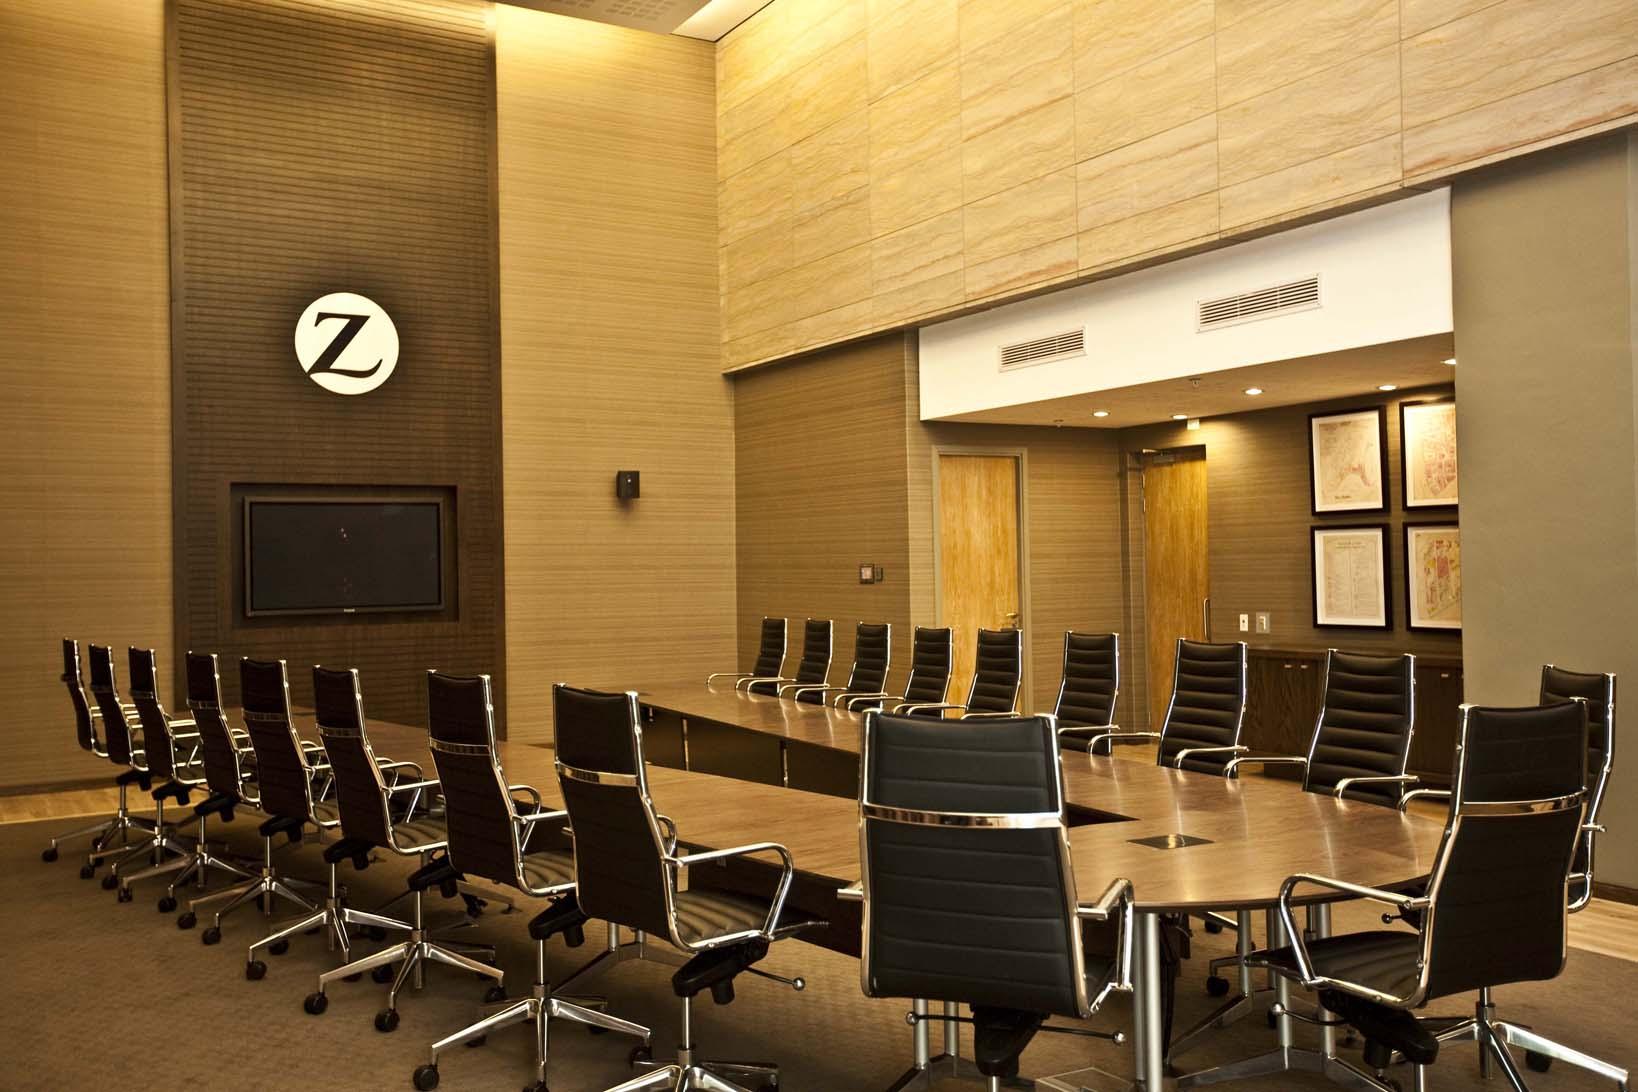 Zurich Insurance Offices